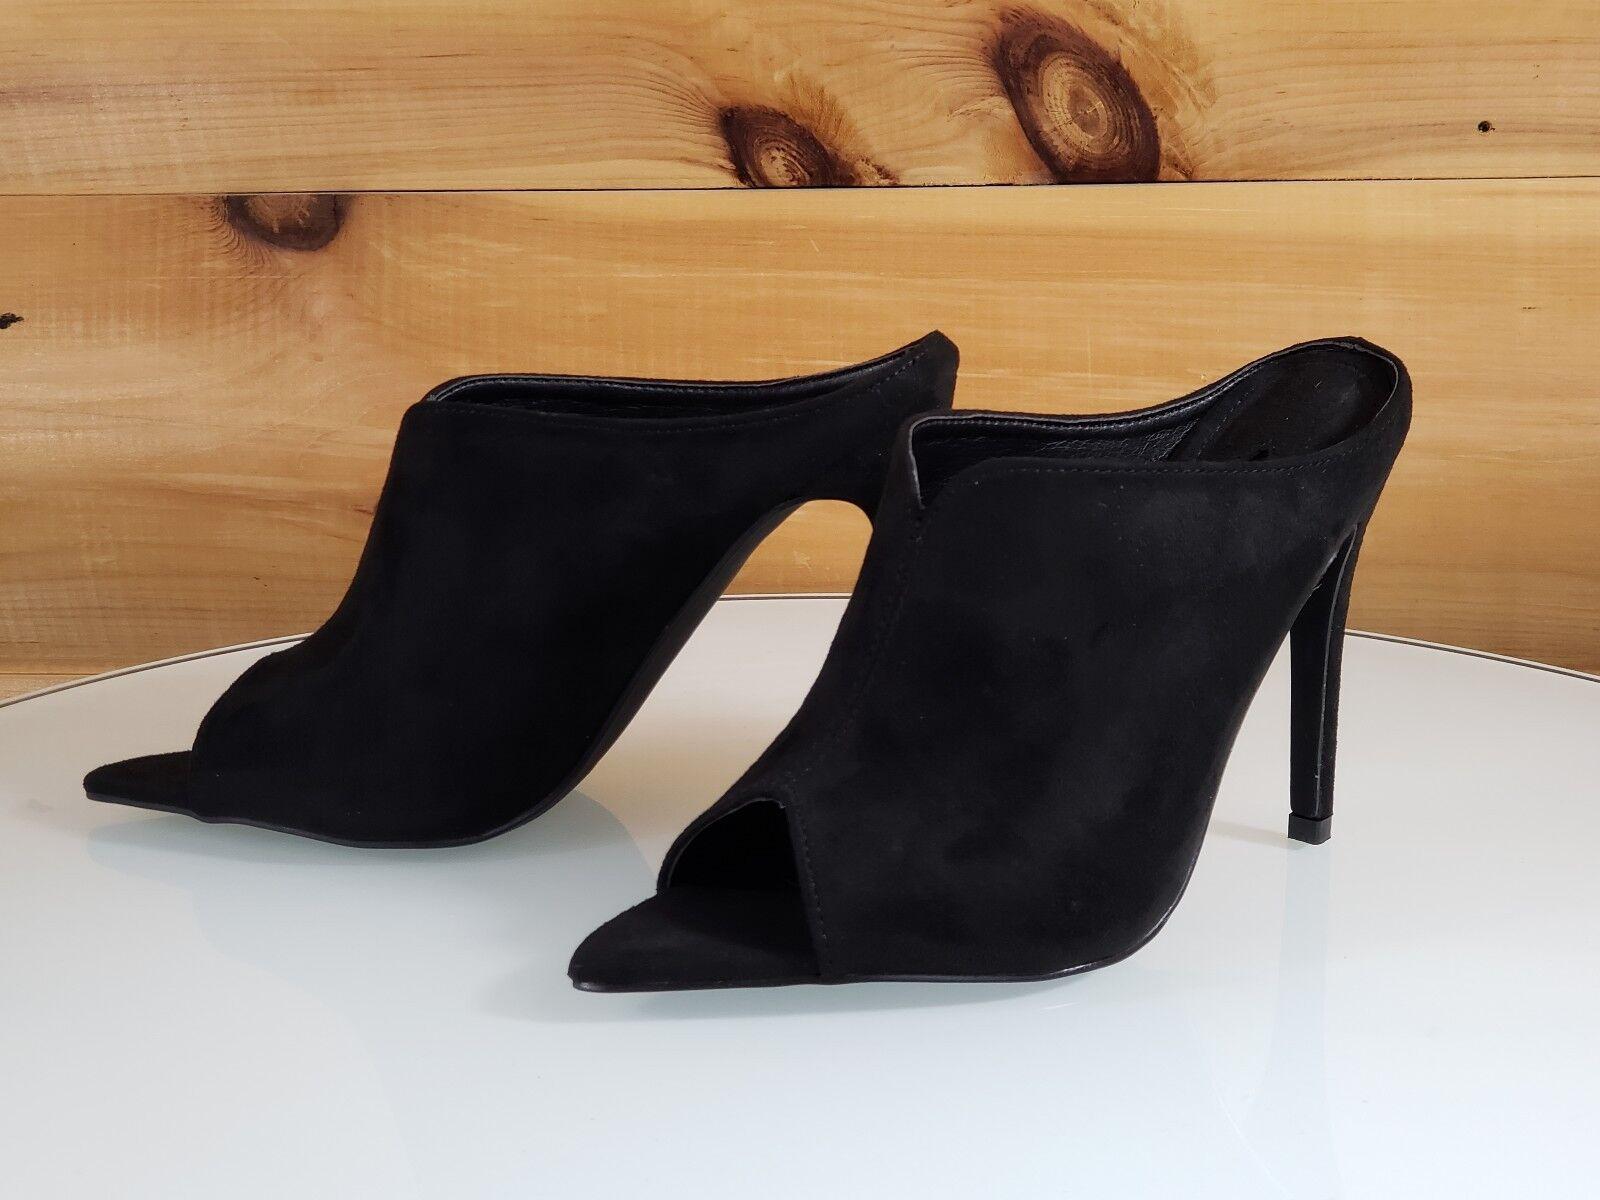 Mac J Black Vegan Suede Open Pointy Toe Slip On Mule Clog 4.5 High Heel 7- 11